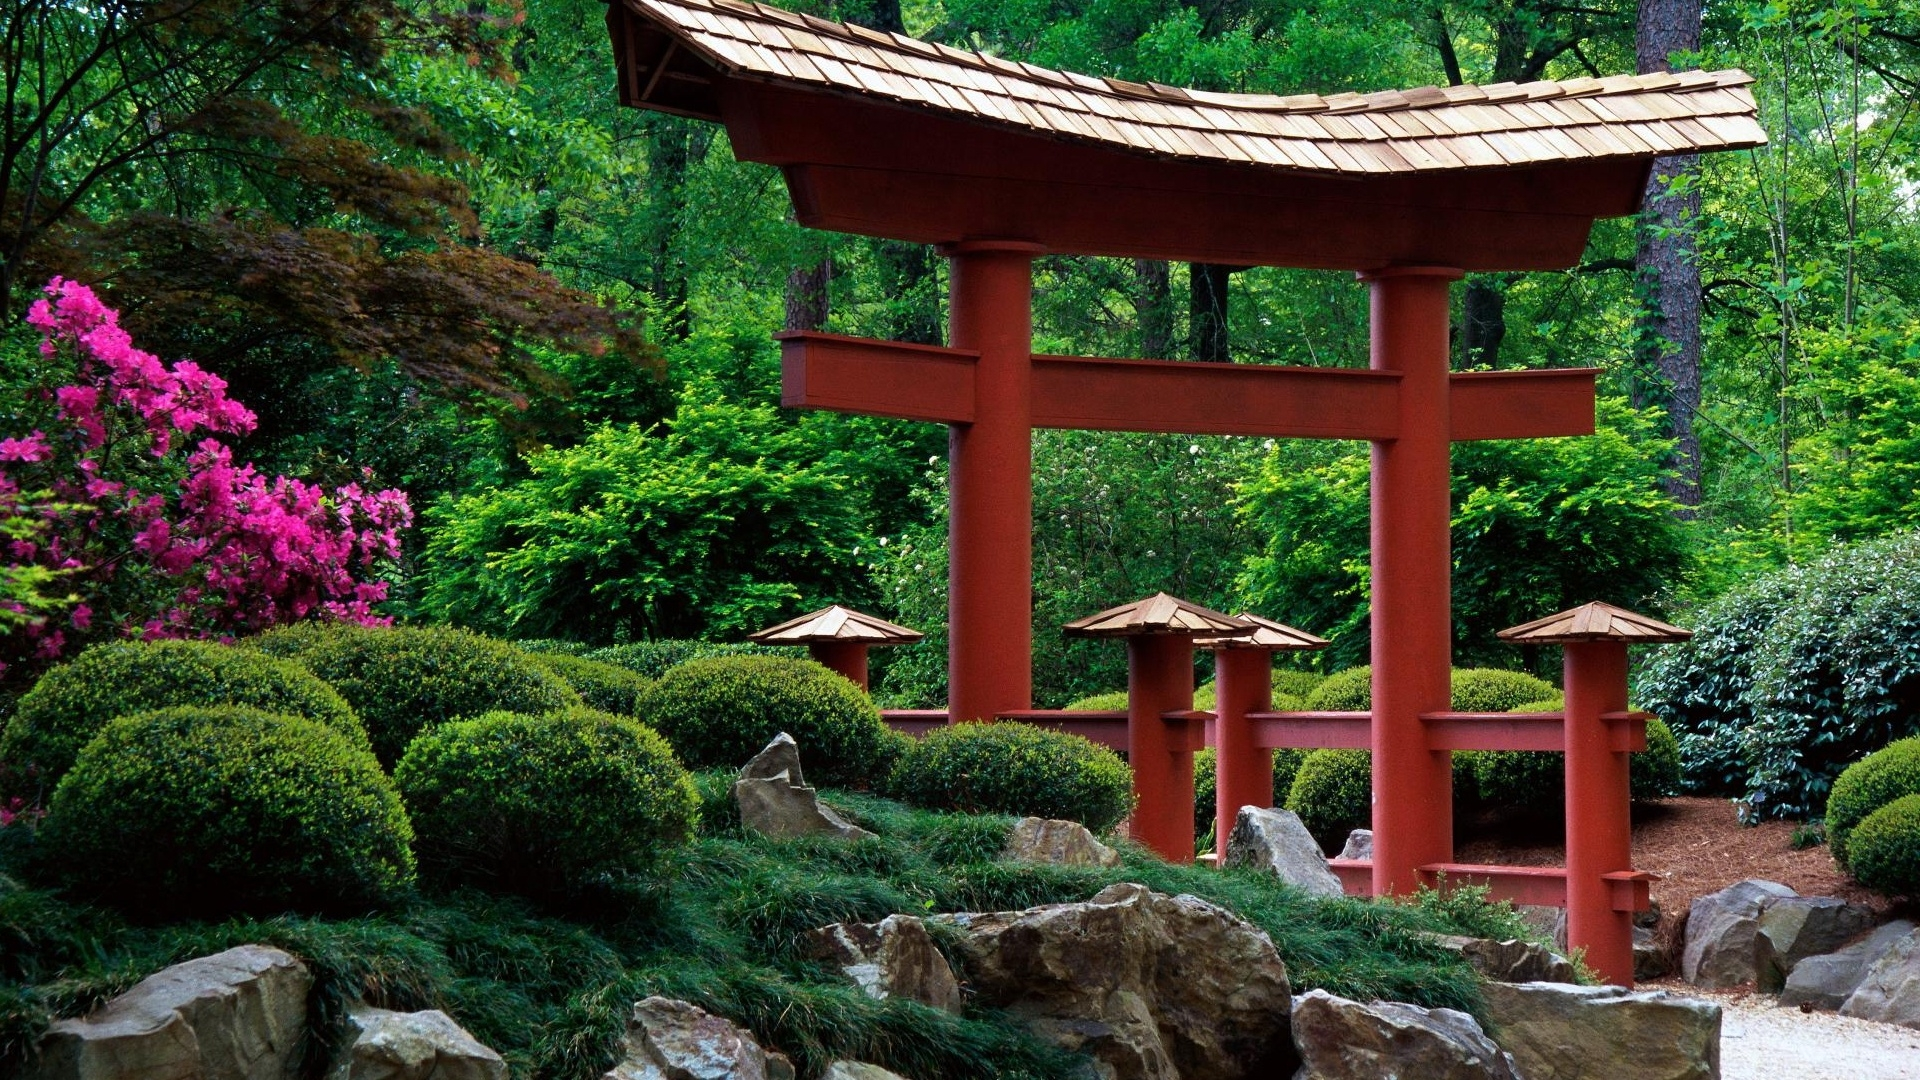 Japanese garden wallpaper - In The Japanese Style Hd Desktop Wallpaper Hd Desktop Wallpaper